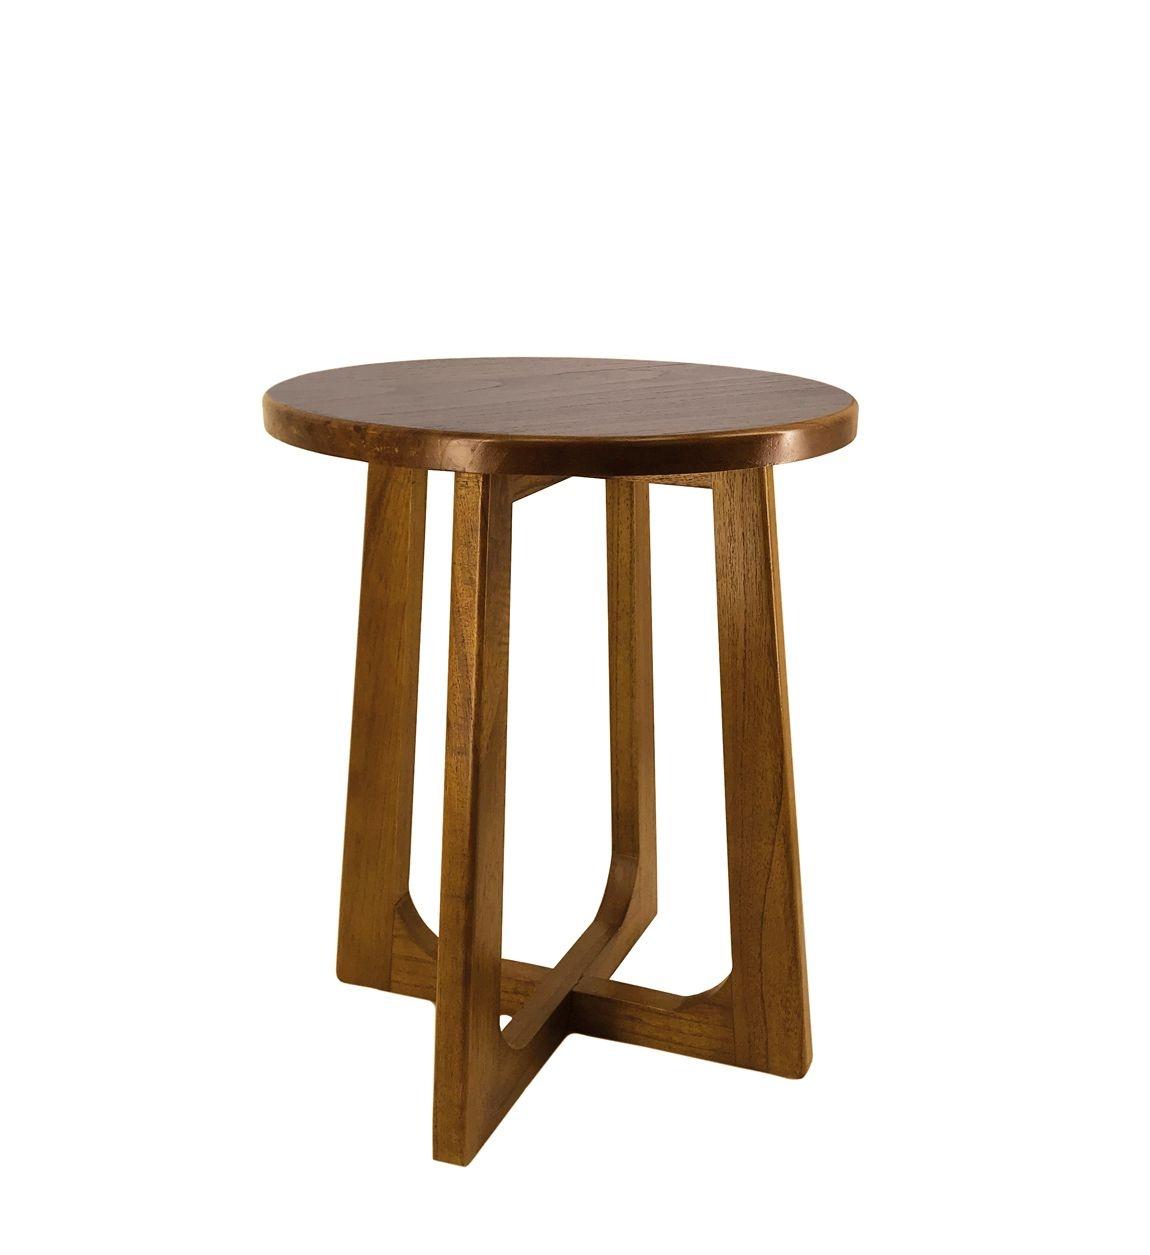 Masa de cafea din lemn, Nordic Nuc, Ø45xH55 cm imagine